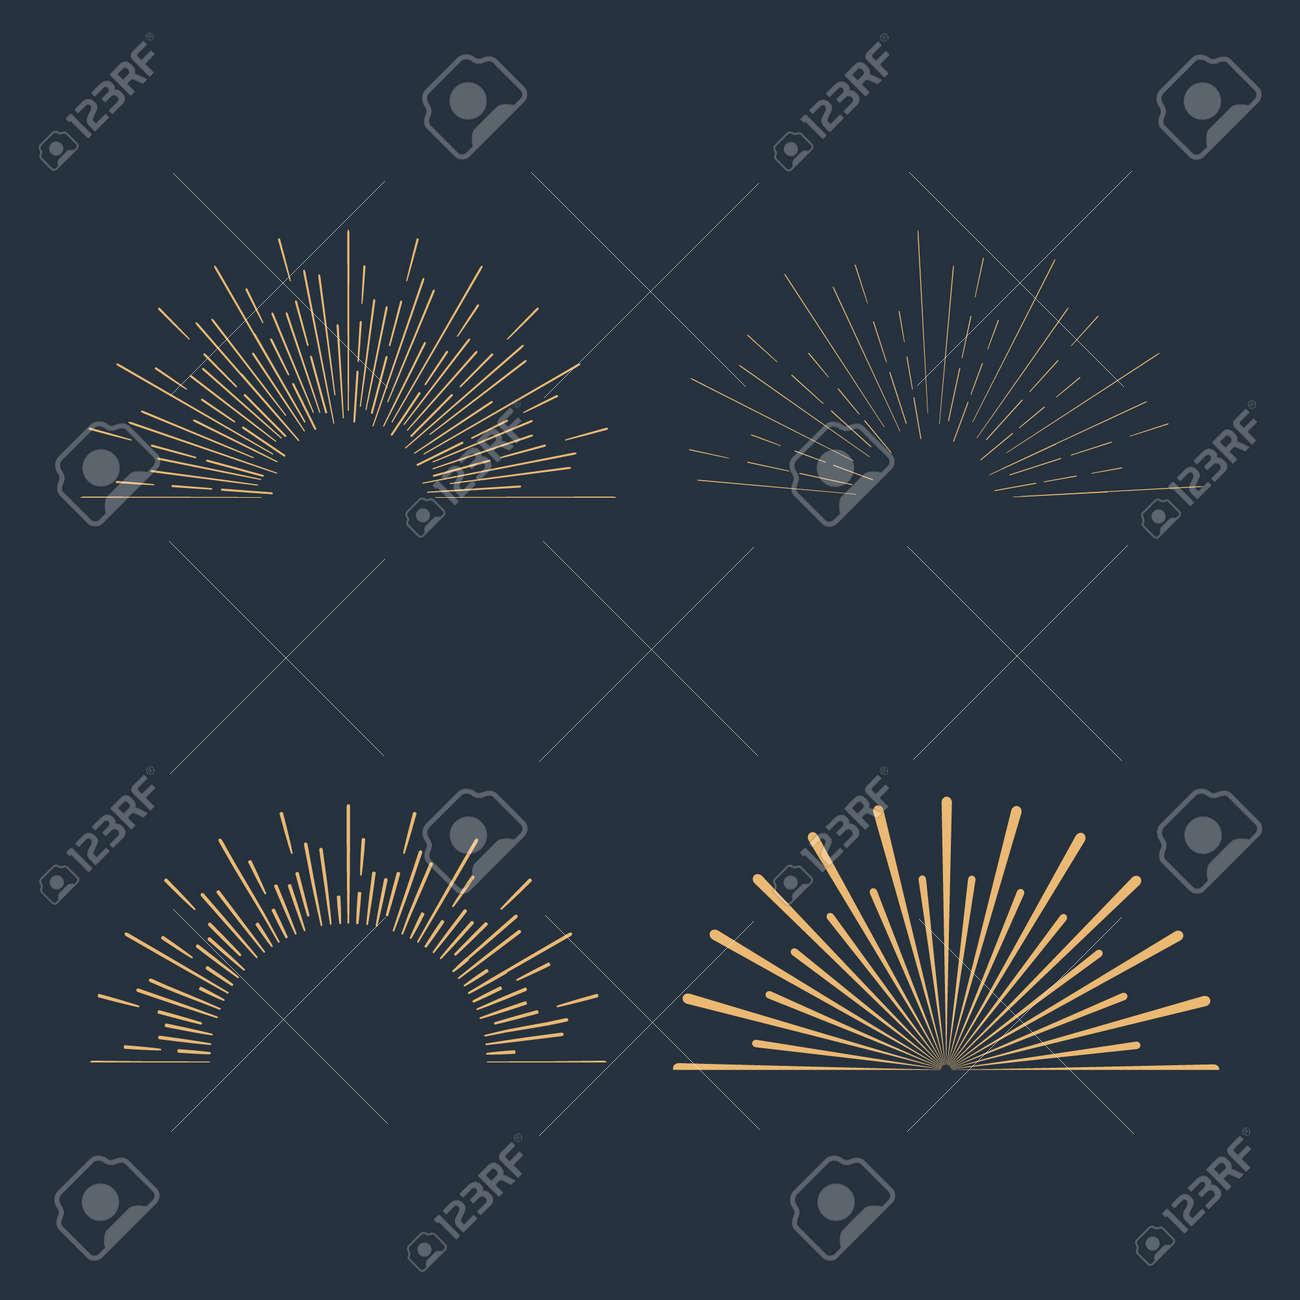 Set of gold vintage linear sunbursts. Vector illustration - 38960081